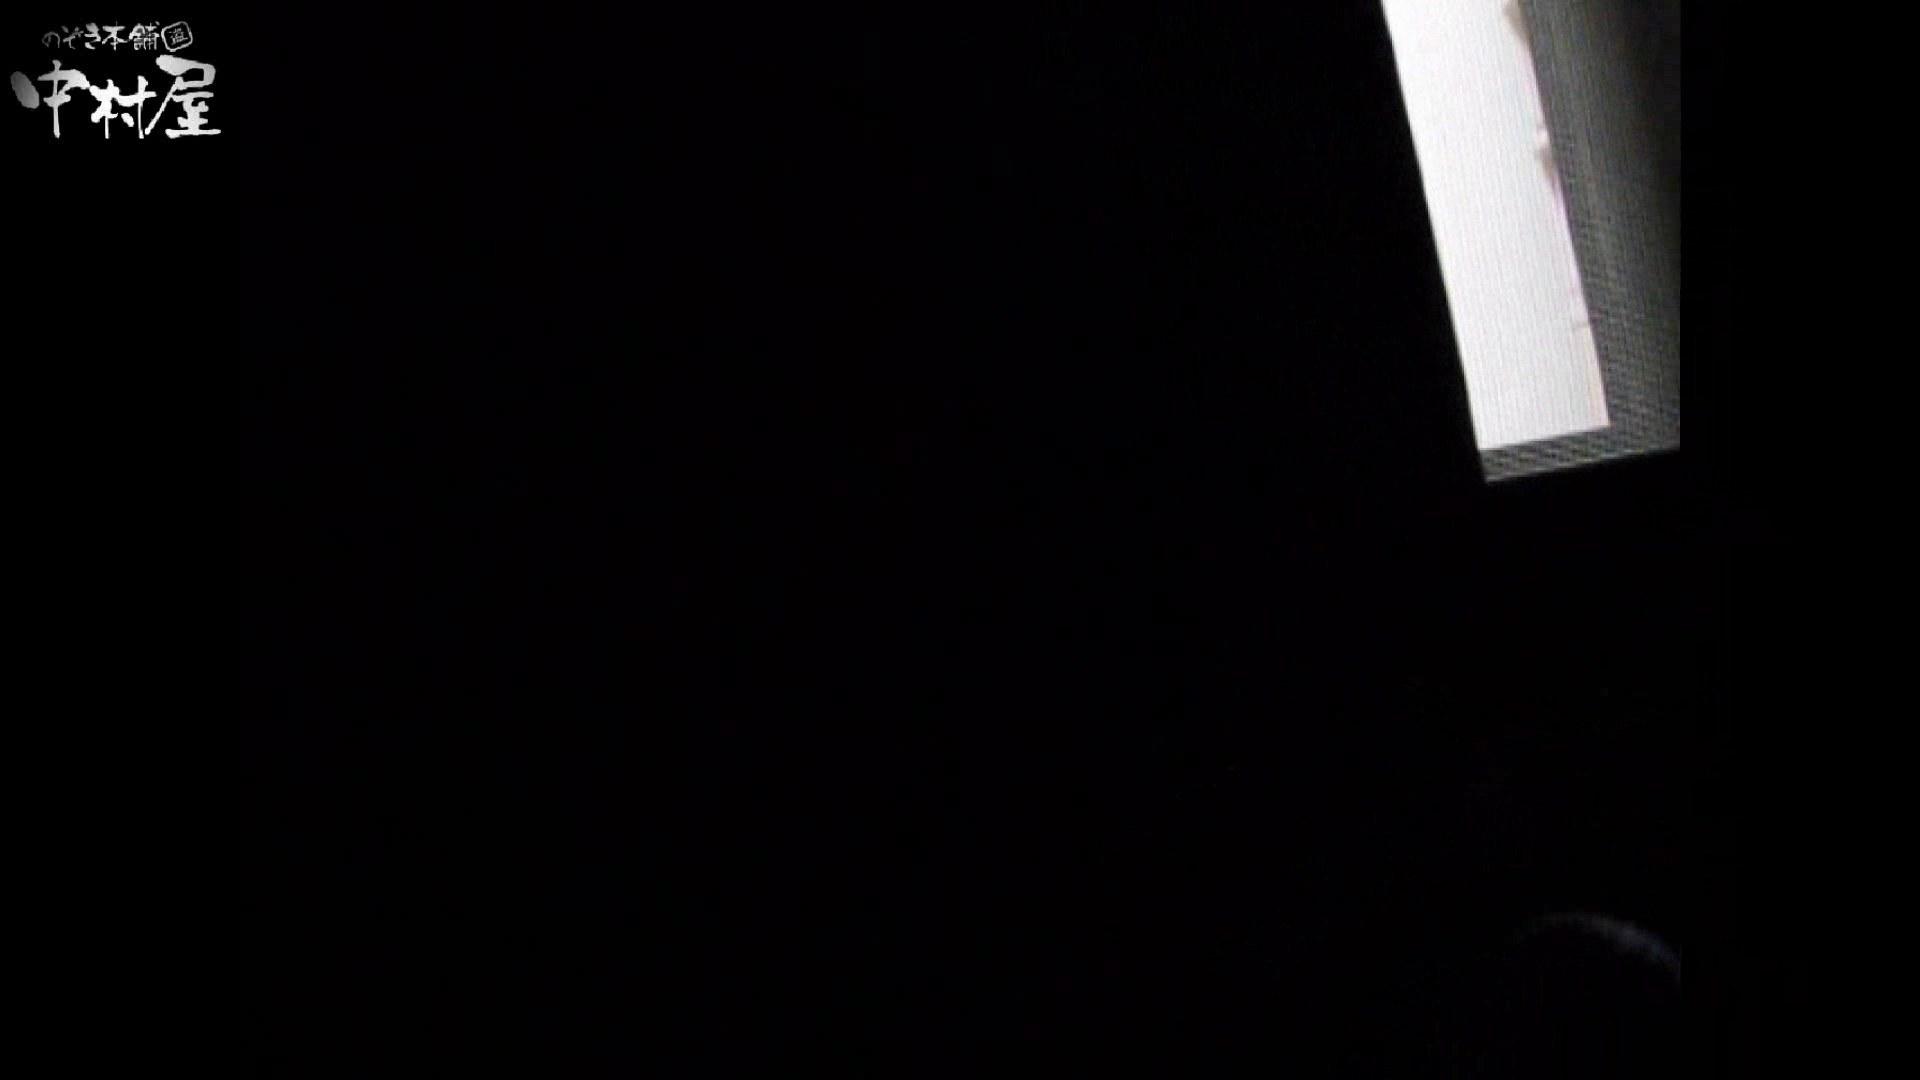 民家風呂専門盗撮師の超危険映像 vol.005 盗撮シリーズ SEX無修正画像 78PIX 32